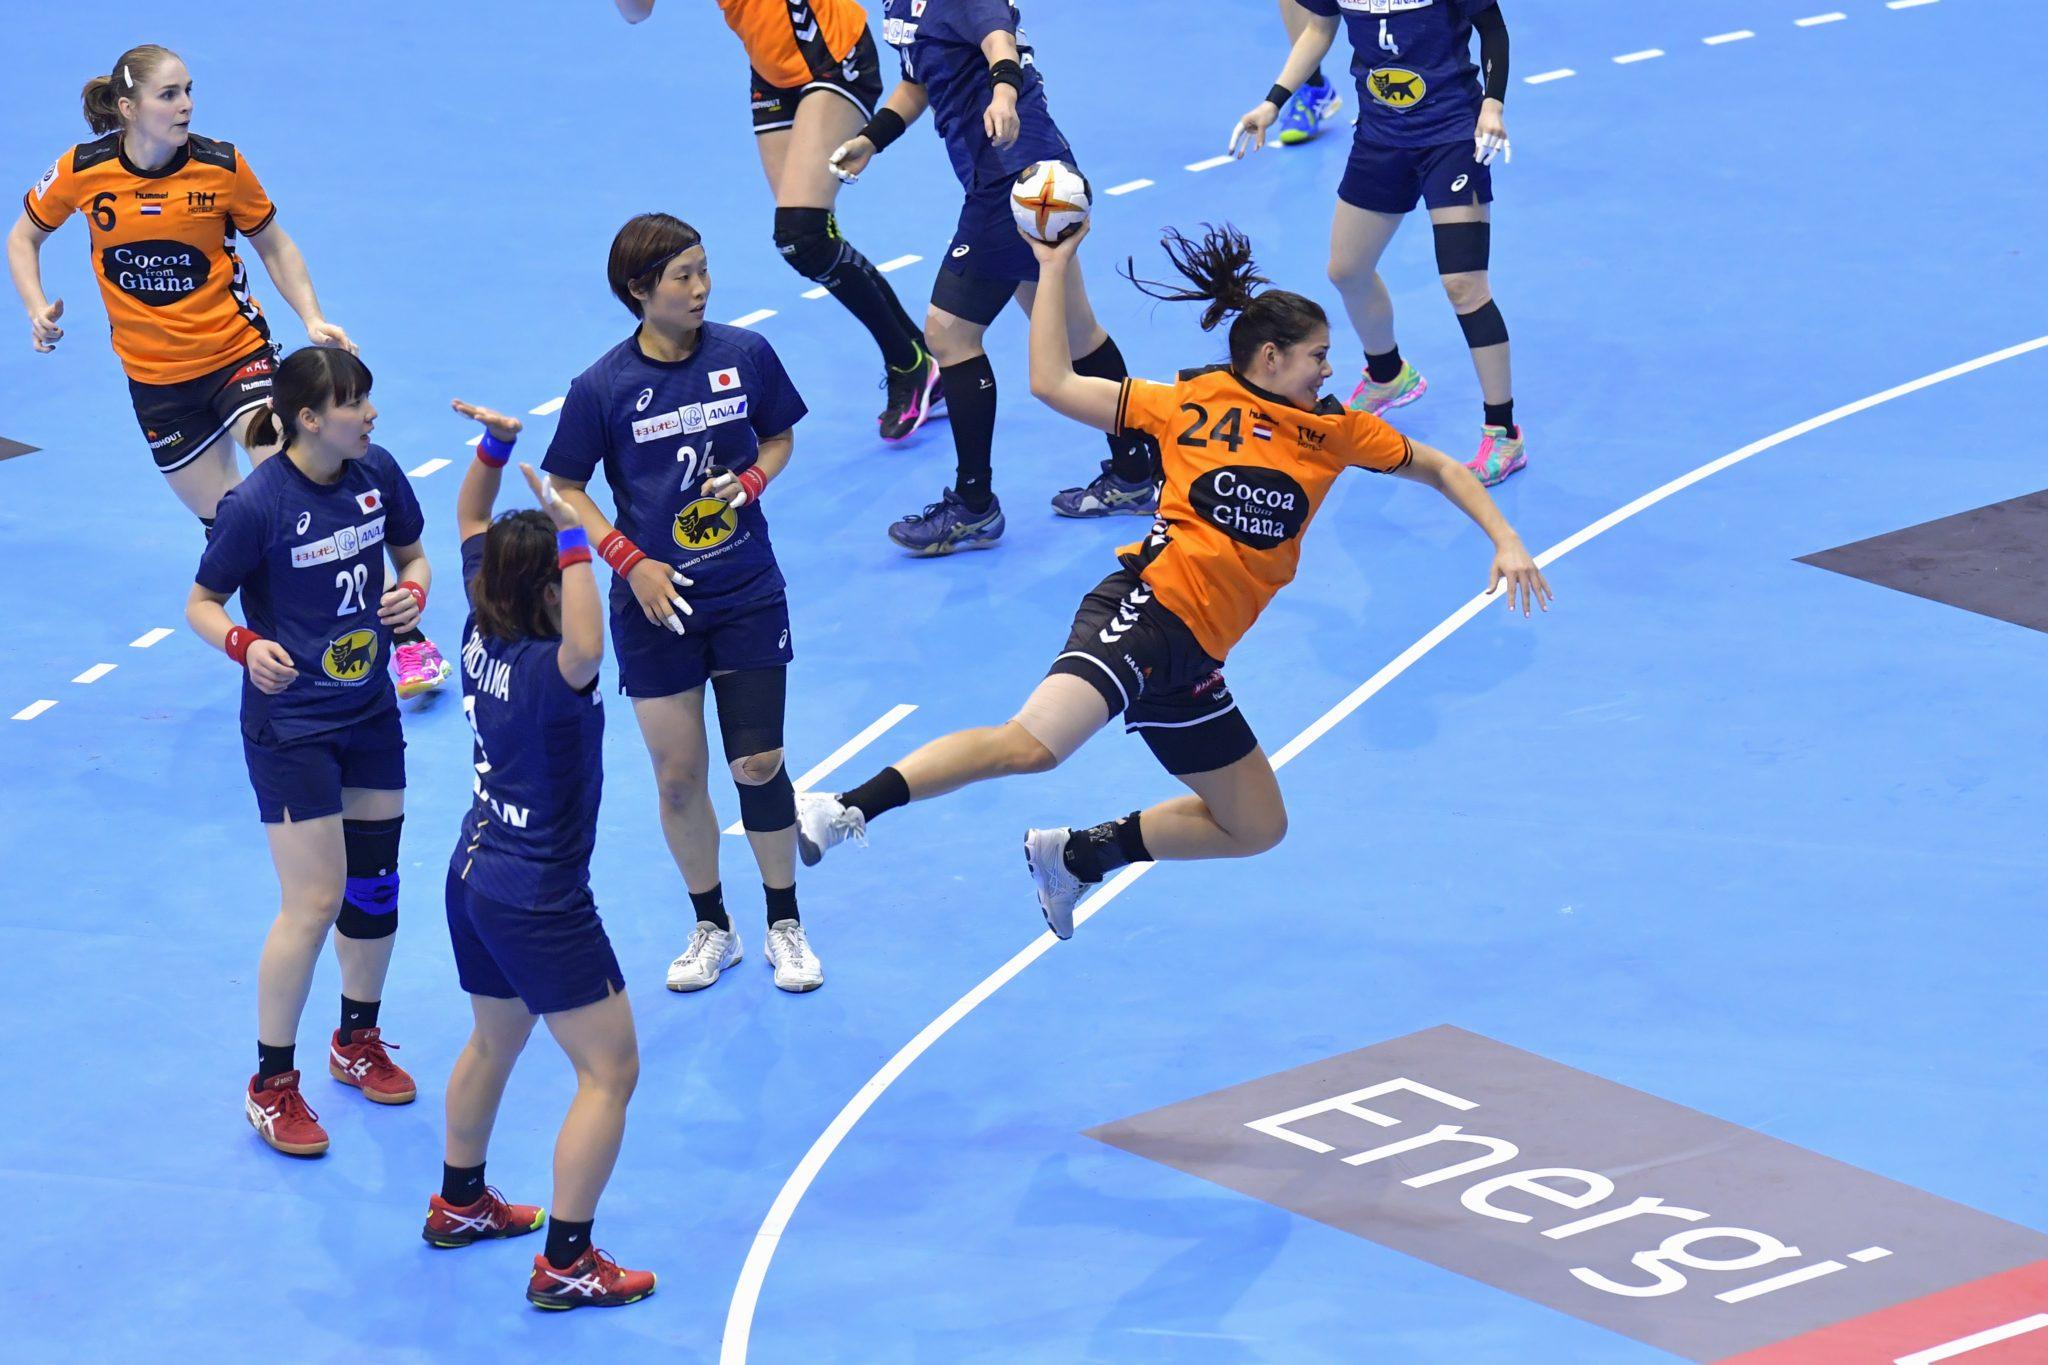 11-12-2017 HANDBAL:NEDERLAND-JAPAN:MAGDEBURG WK Handbal Dames 2017 1/8 Finales, Nederland - Japan 26-24 Nv Martine Smeets #24 NED  Foto: Henk Seppen